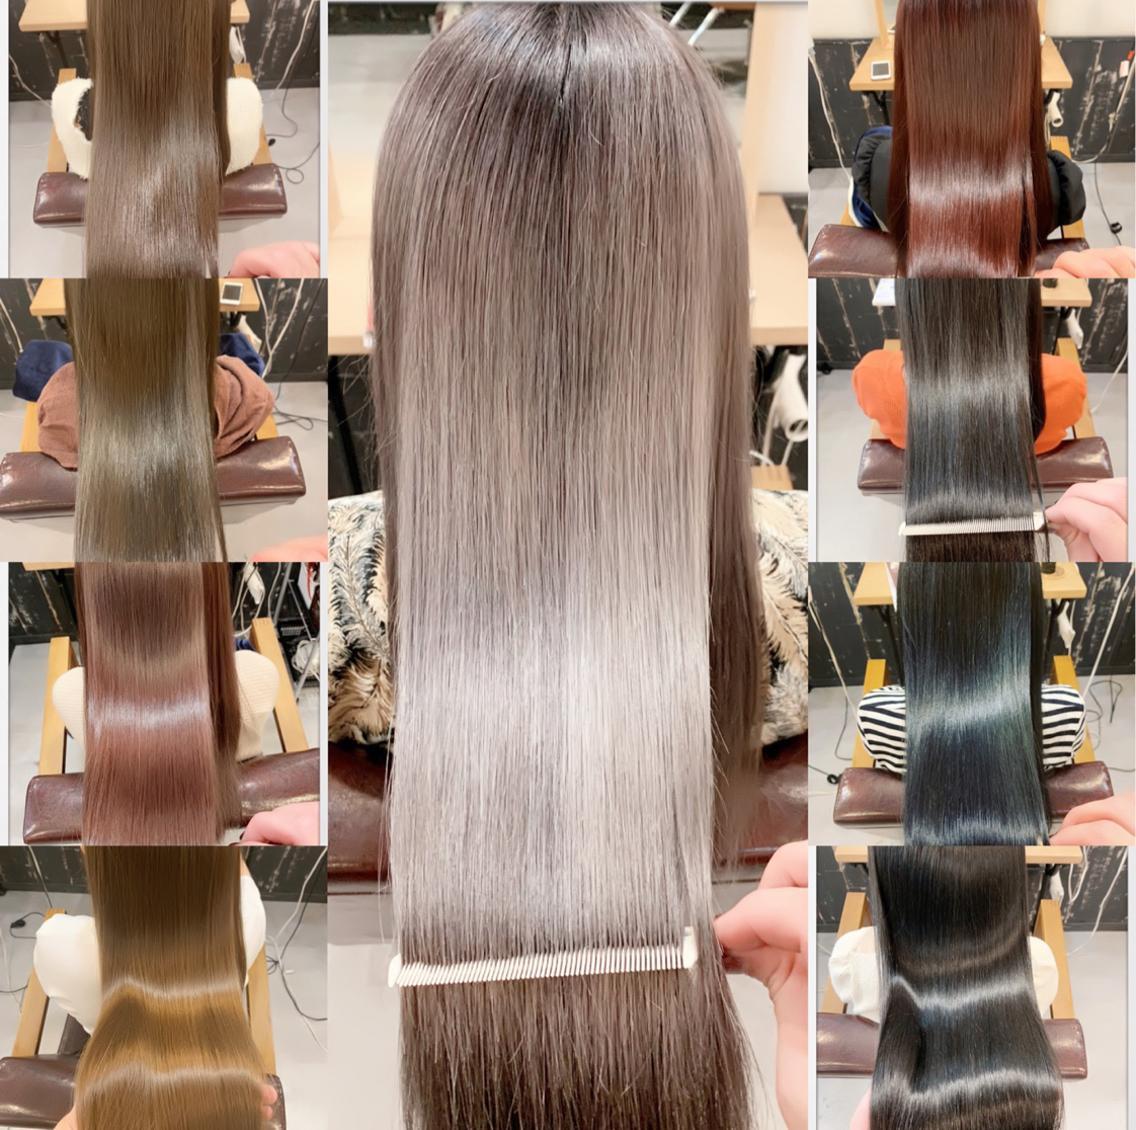 ✨髪質改善✨3/29New open‼️✨業界最高峰ダメージ95%off‼️✨Rイルミナ×Rストレート×TOKIO❤️✨ ✨❤️完全マンツーマンで髪質改善❤️✨